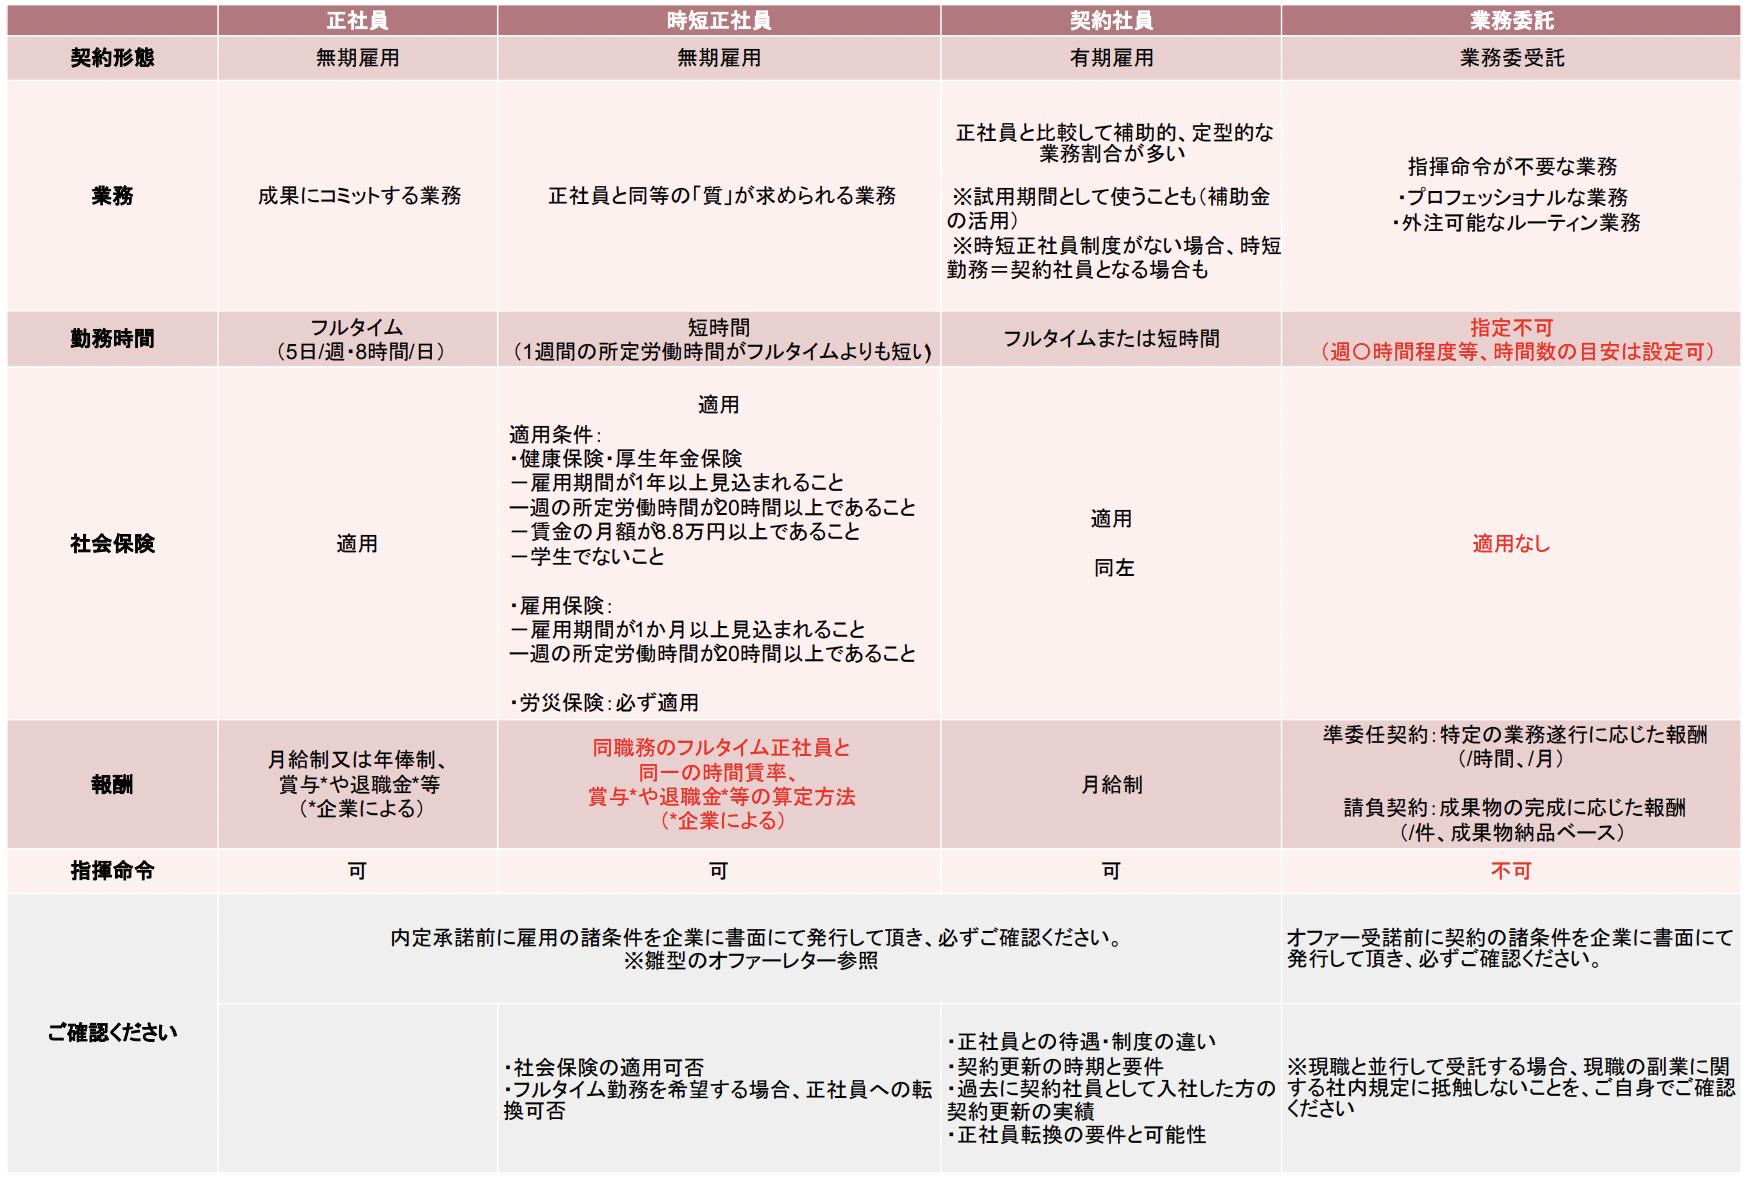 契約形態表